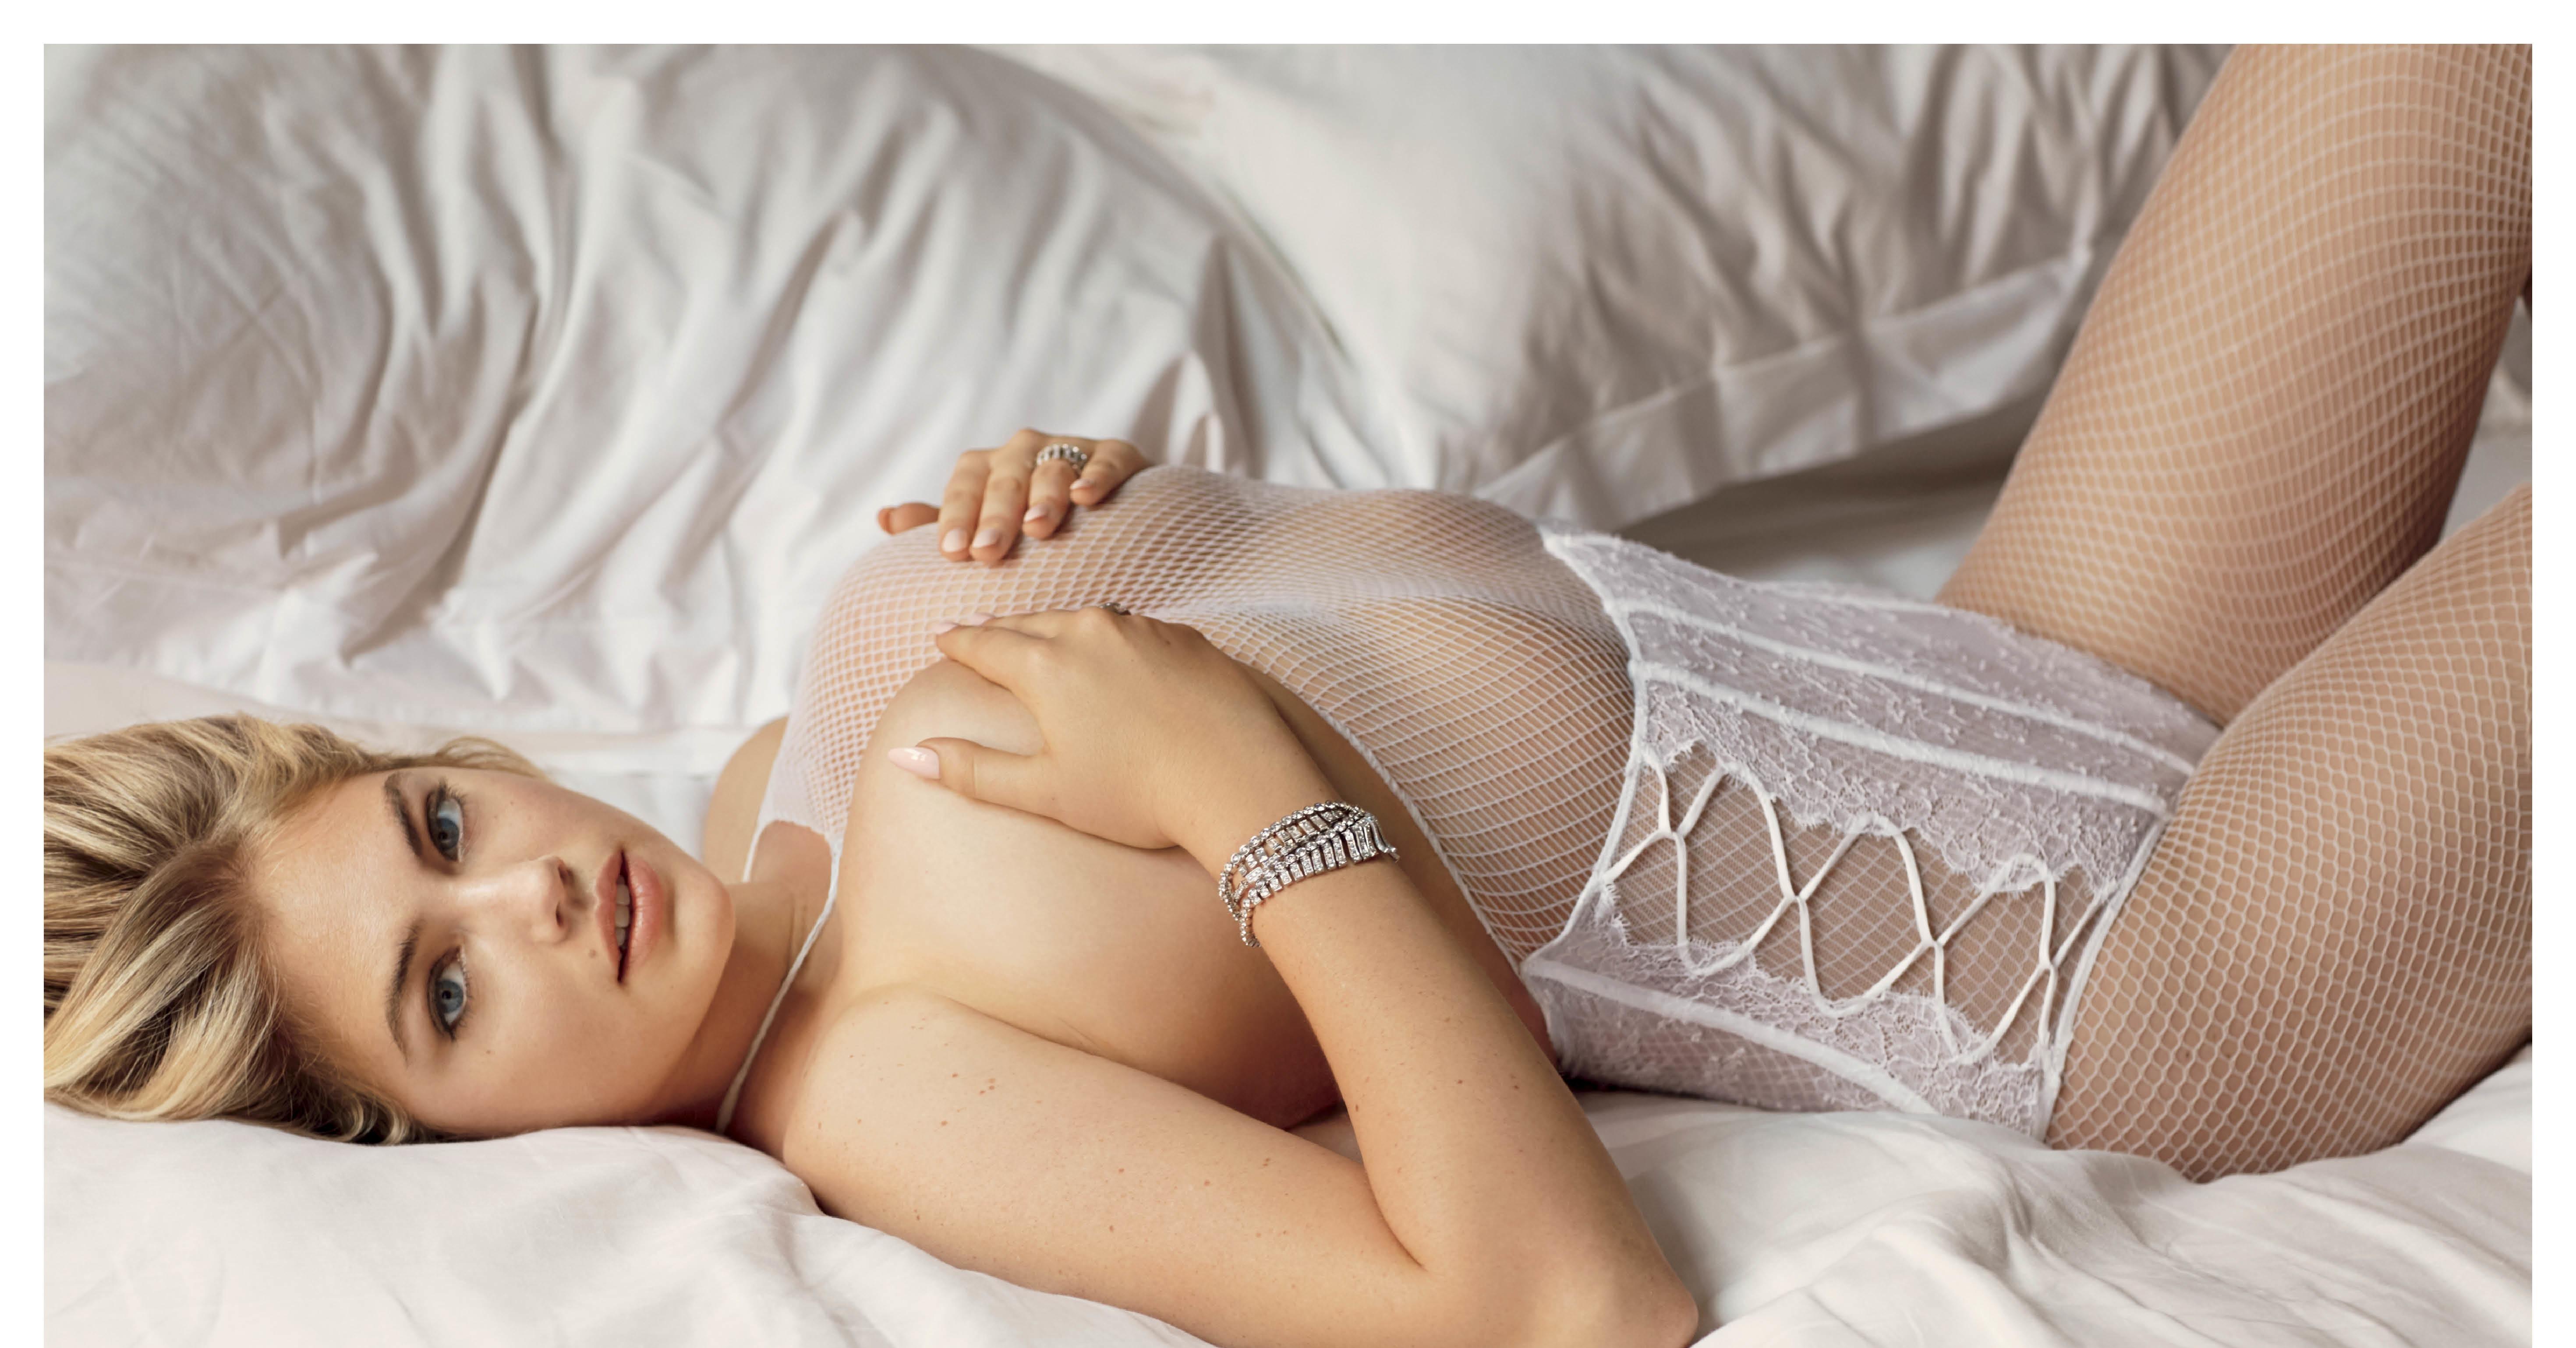 Самые обольстительные и сексуальные модели 6 фотография